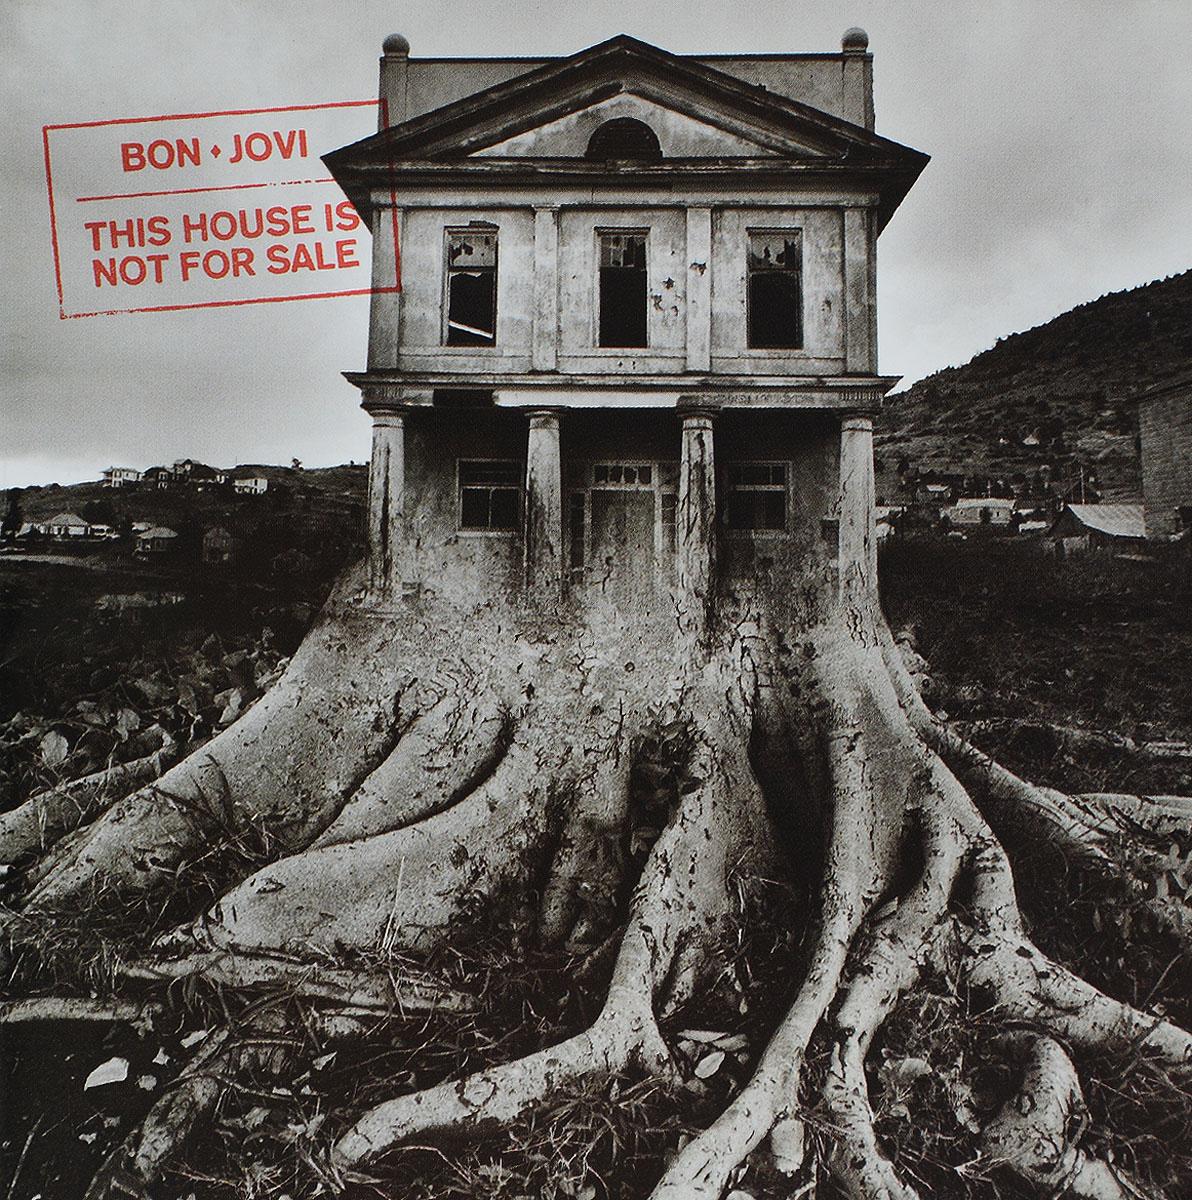 Bon Jovi Bon Jovi. This House Is Not For Sale bon jovi montreal